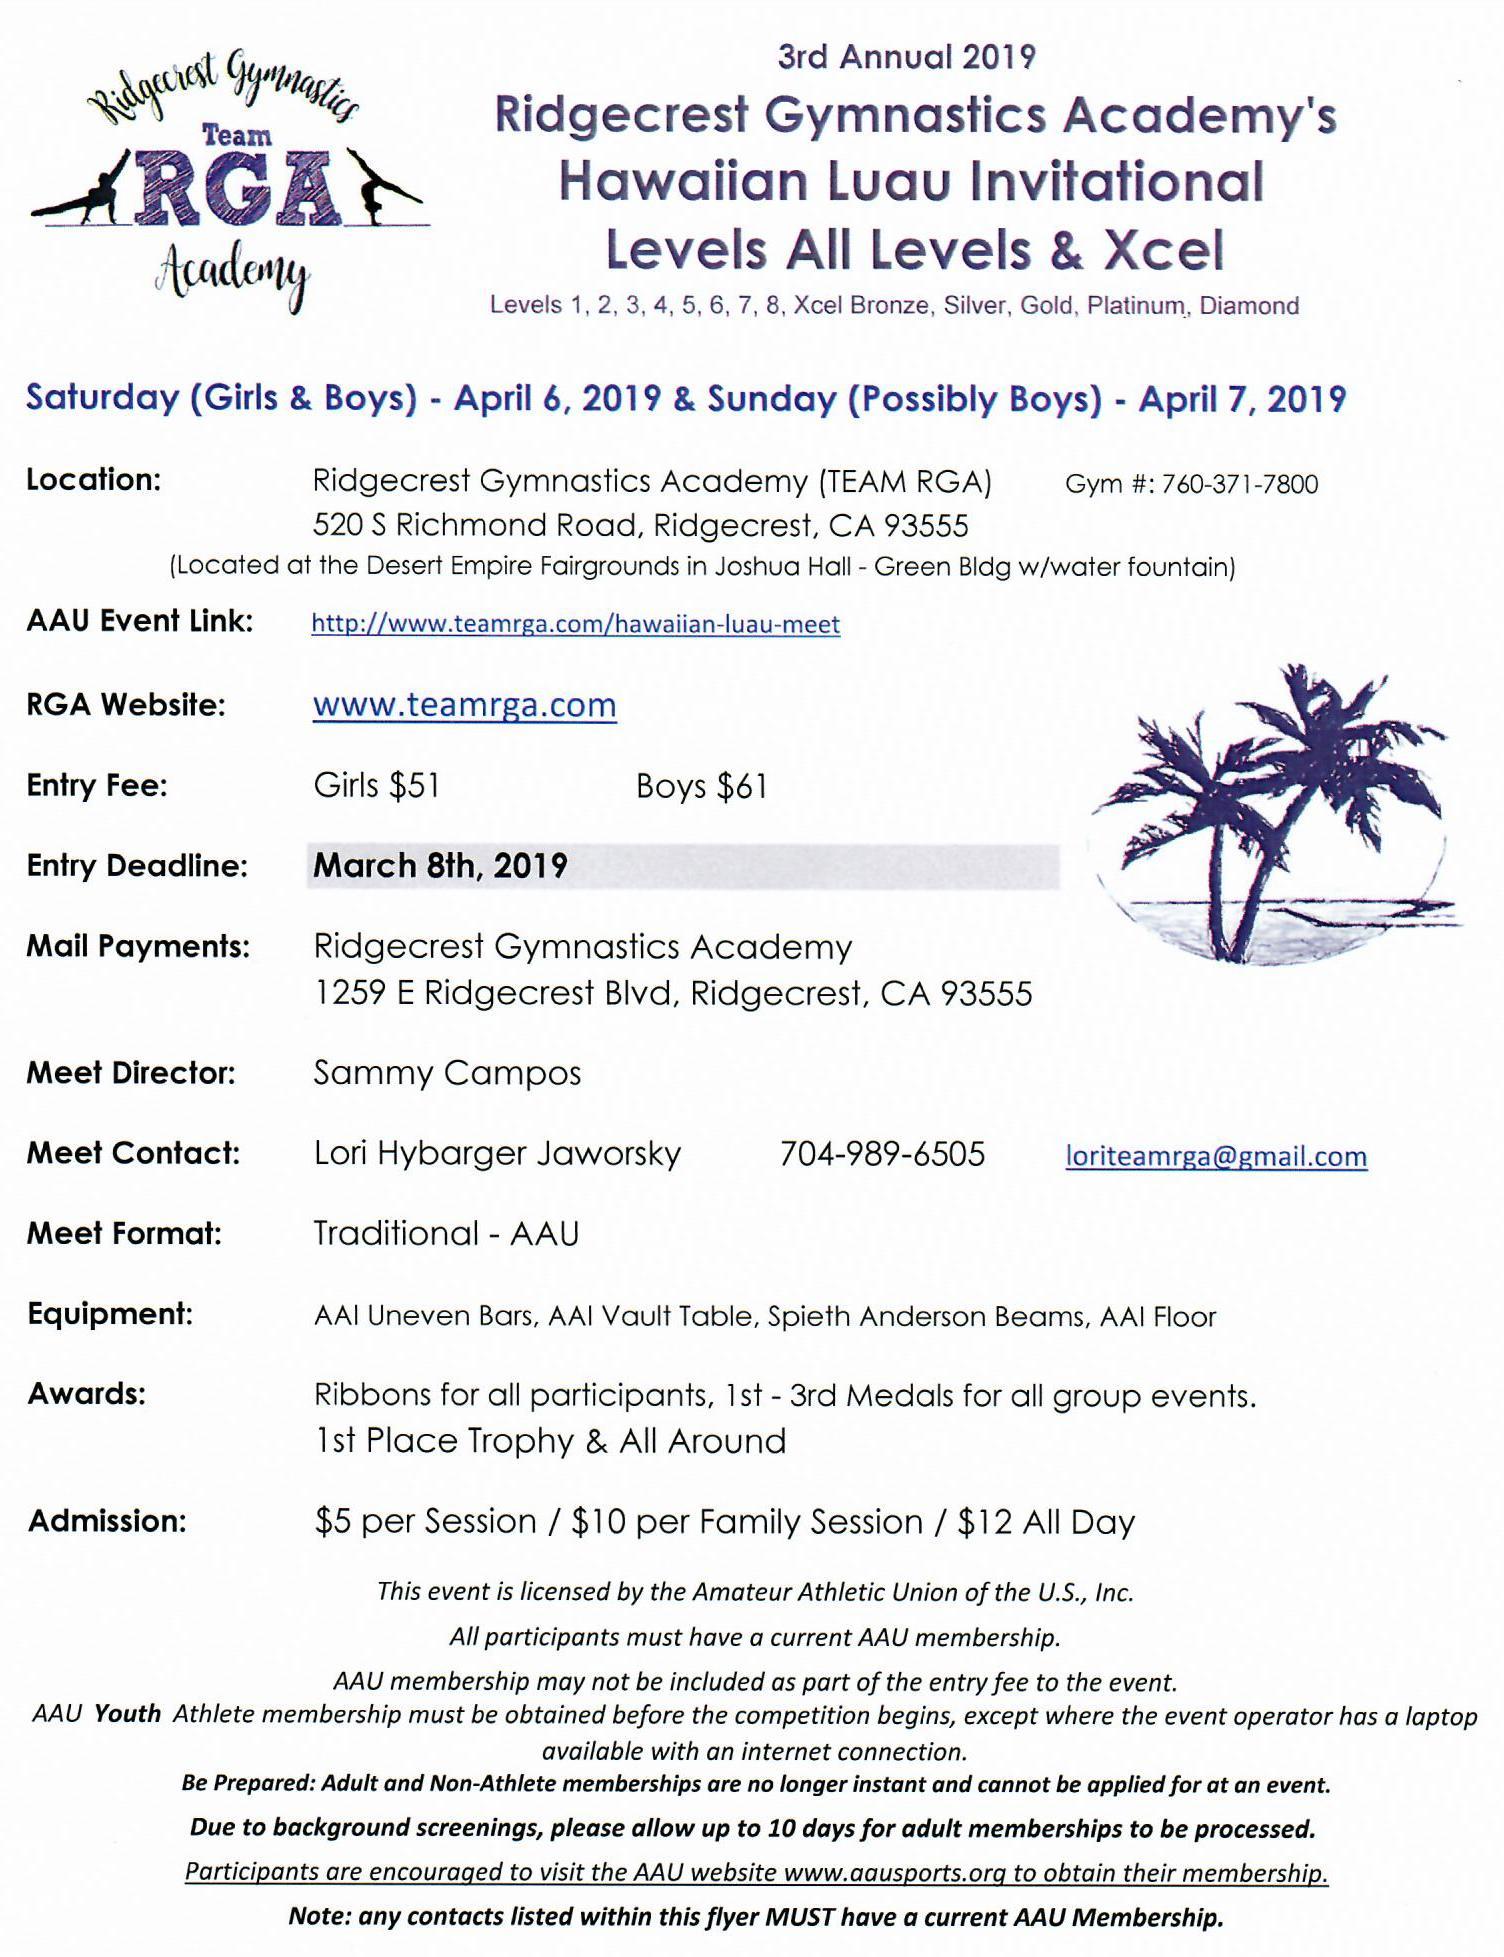 RGA Hawaiian Luau Flyer 2019 Front.jpg